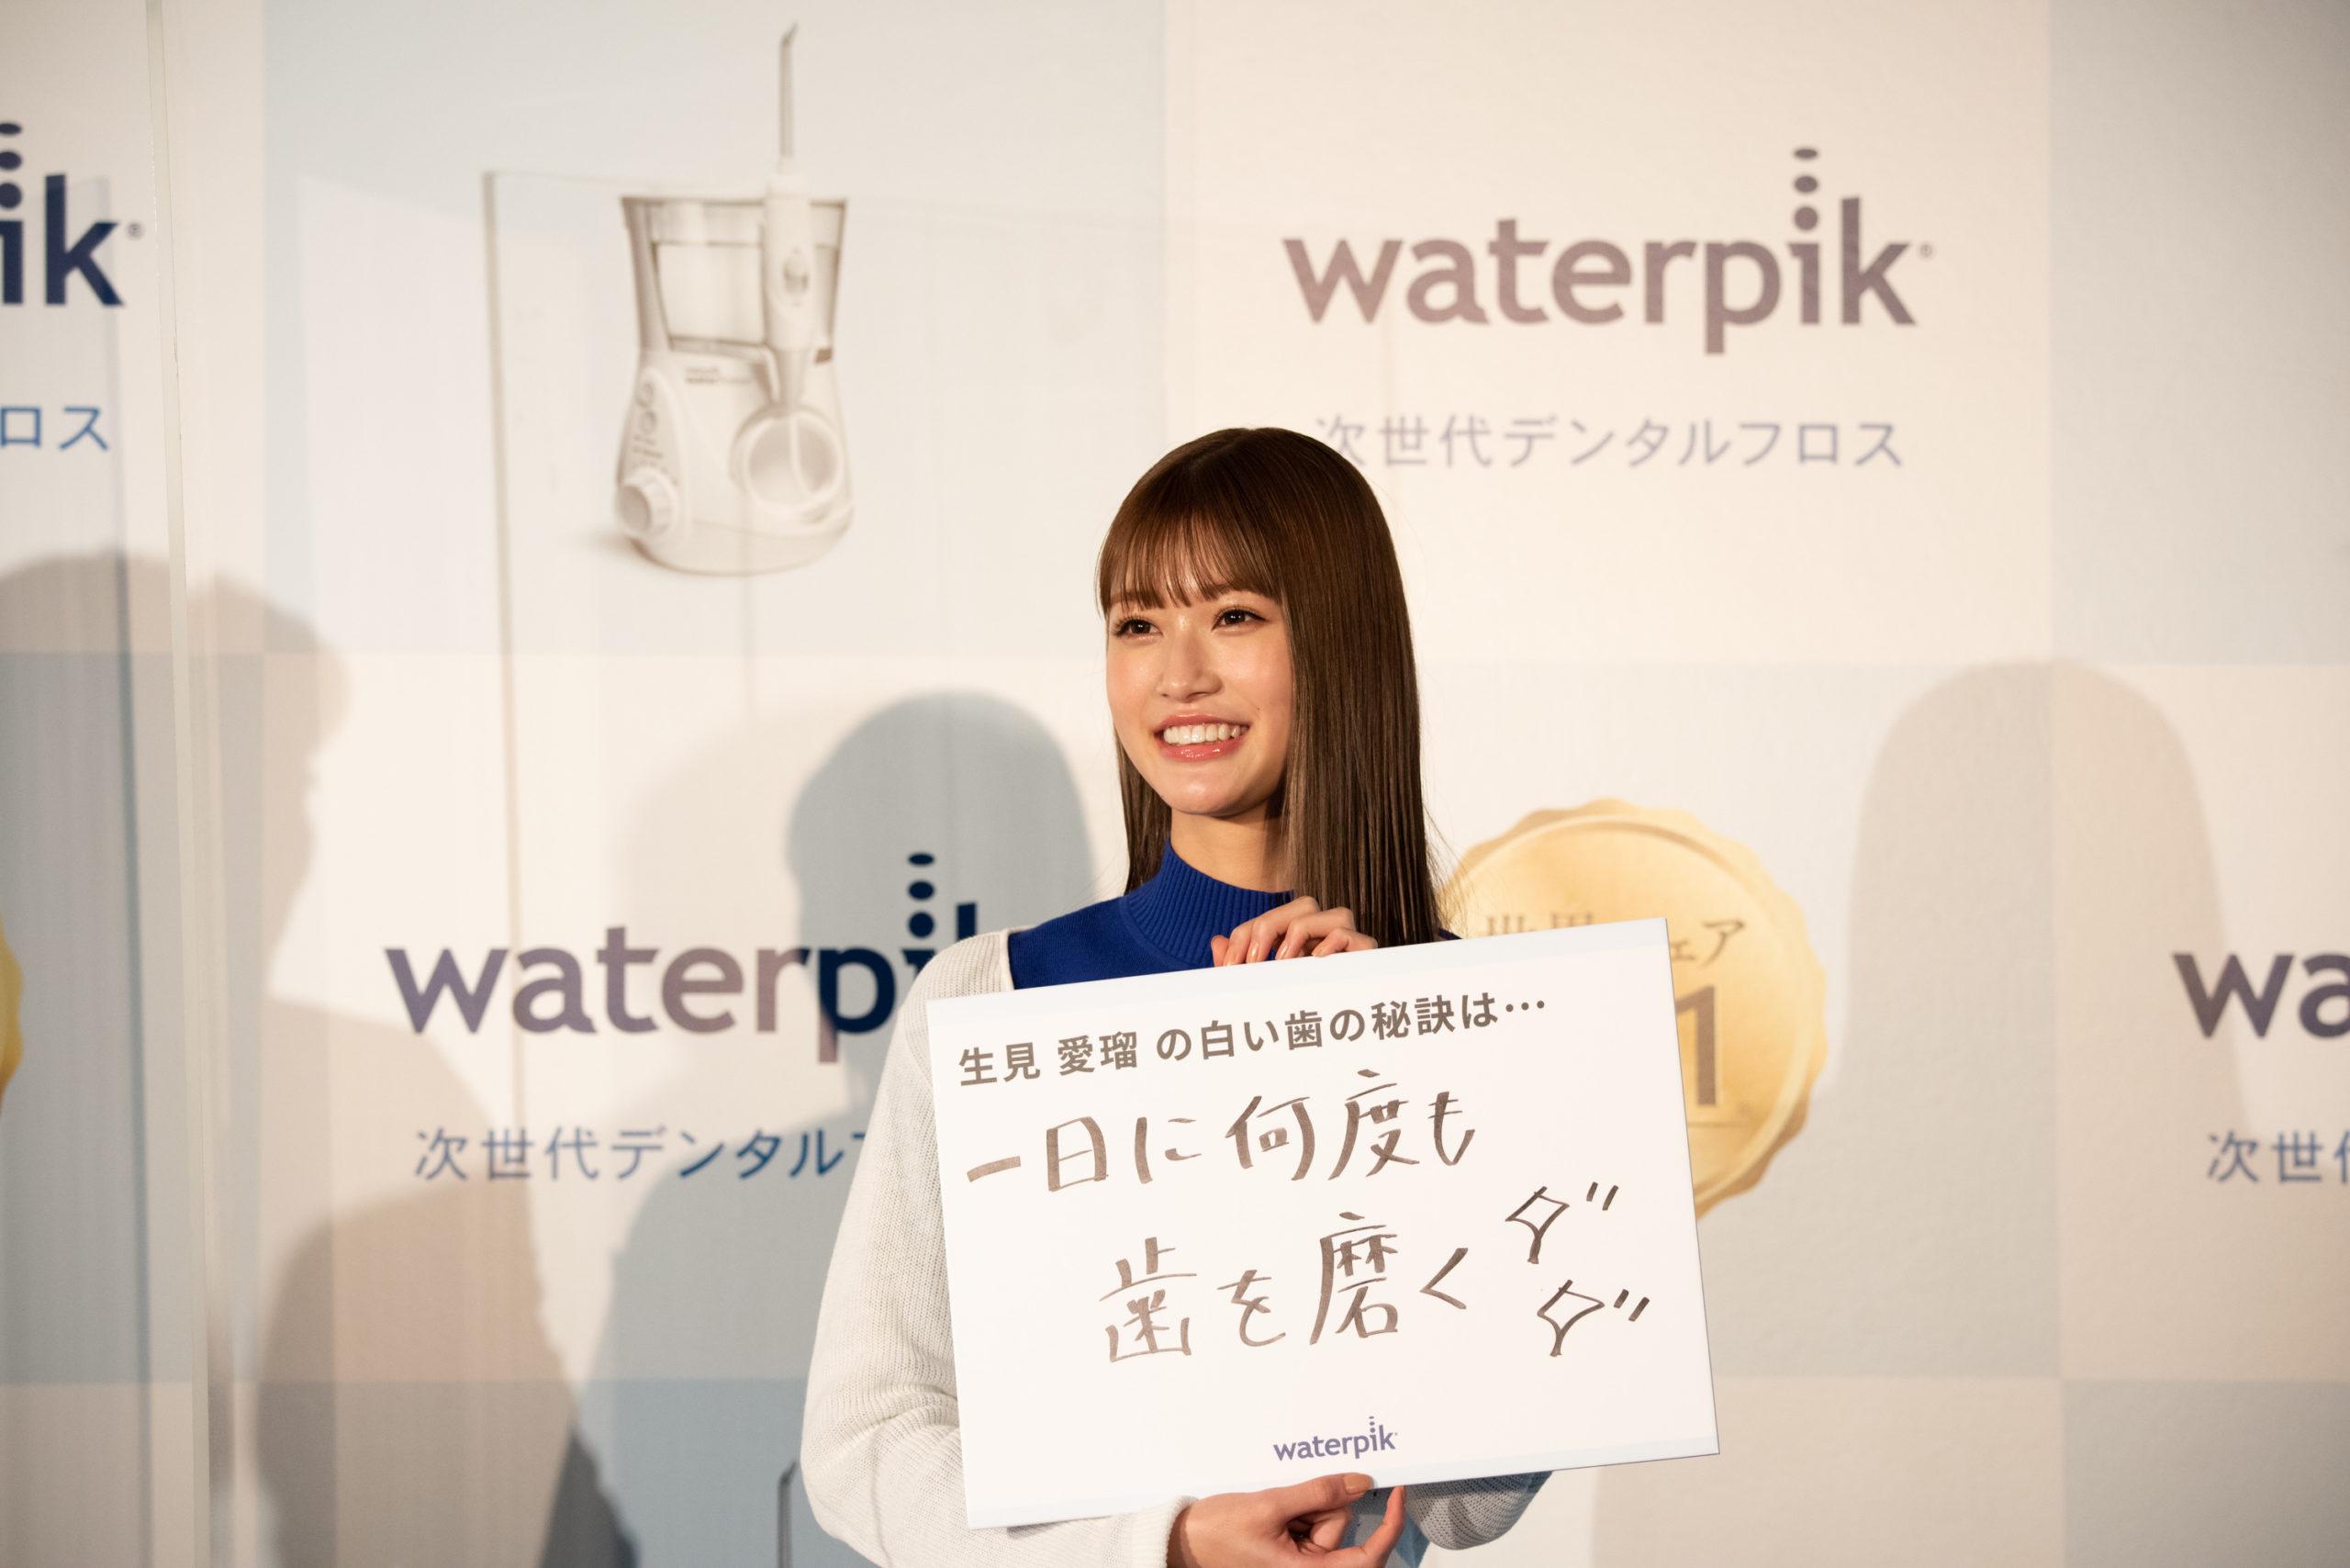 """生見愛瑠(めるる)、""""キレイな歯の秘訣""""公開!【Waterpik 新製品発表会】"""